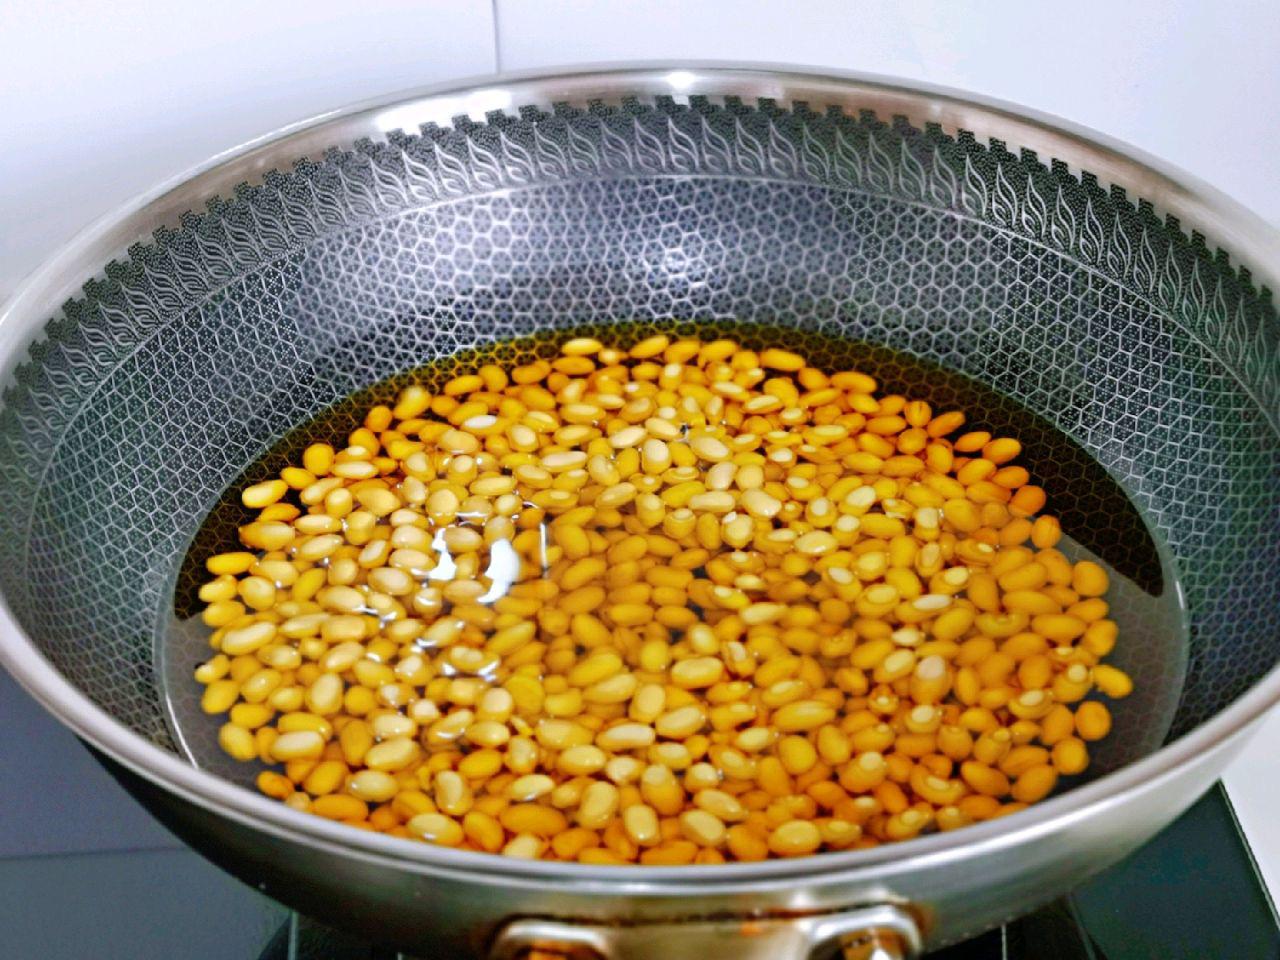 Trời lạnh làm đậu nành chiên giòn tẩm muối tiêu ăn cực ngon - Ảnh 2.